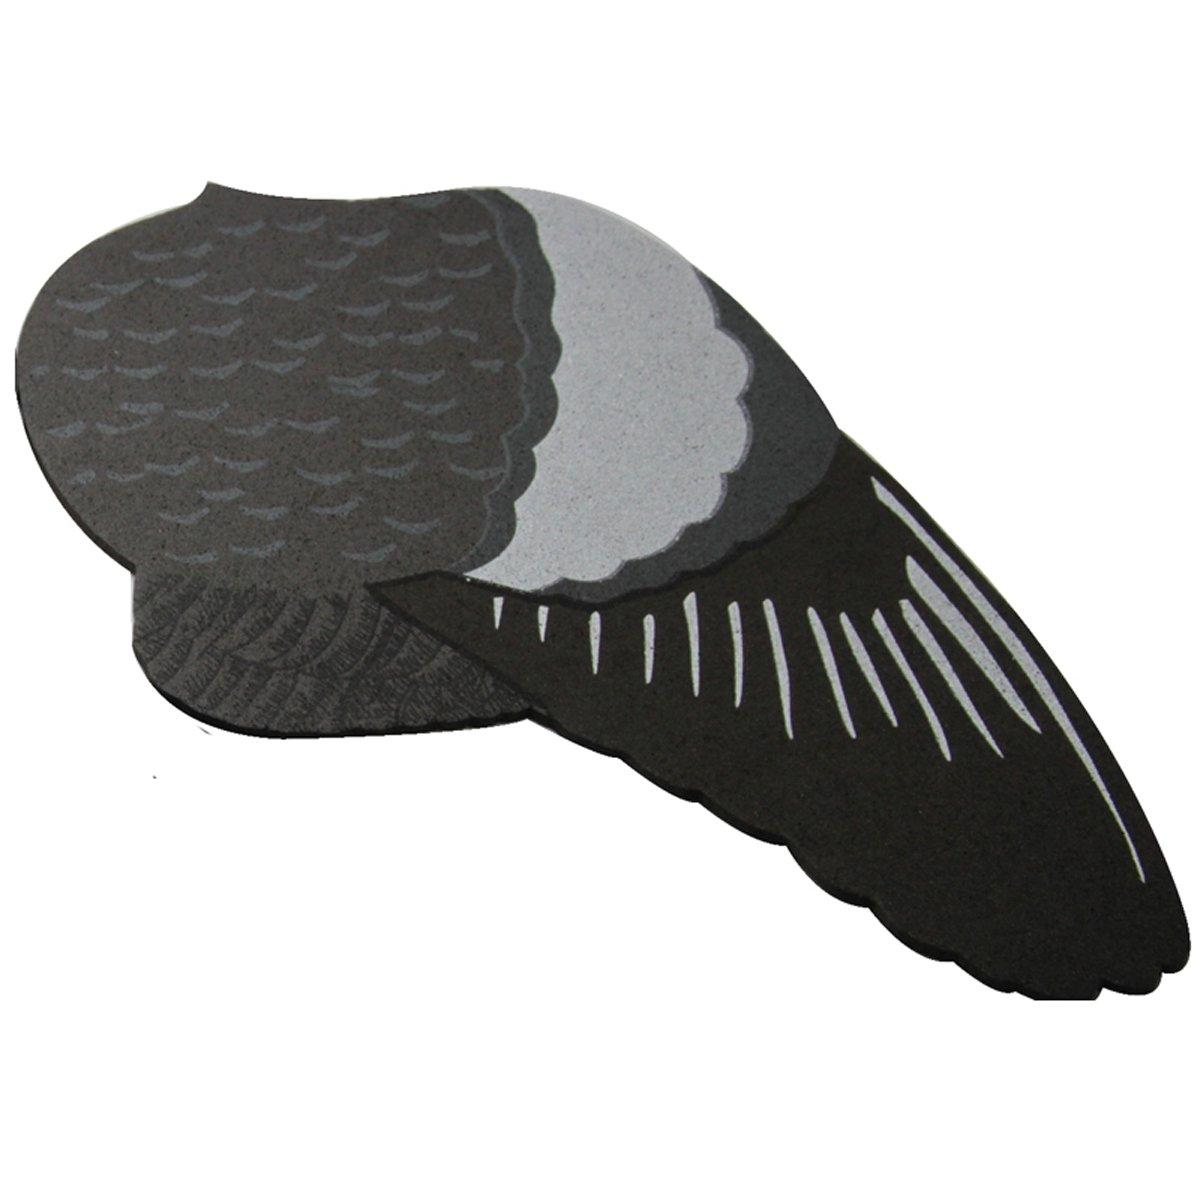 GUGULUZA EVA alas y Cola para Palomas se/ñuelo Alta detallado Impreso par de alas y Cola de Aterrizaje para Flying Dove Decoy